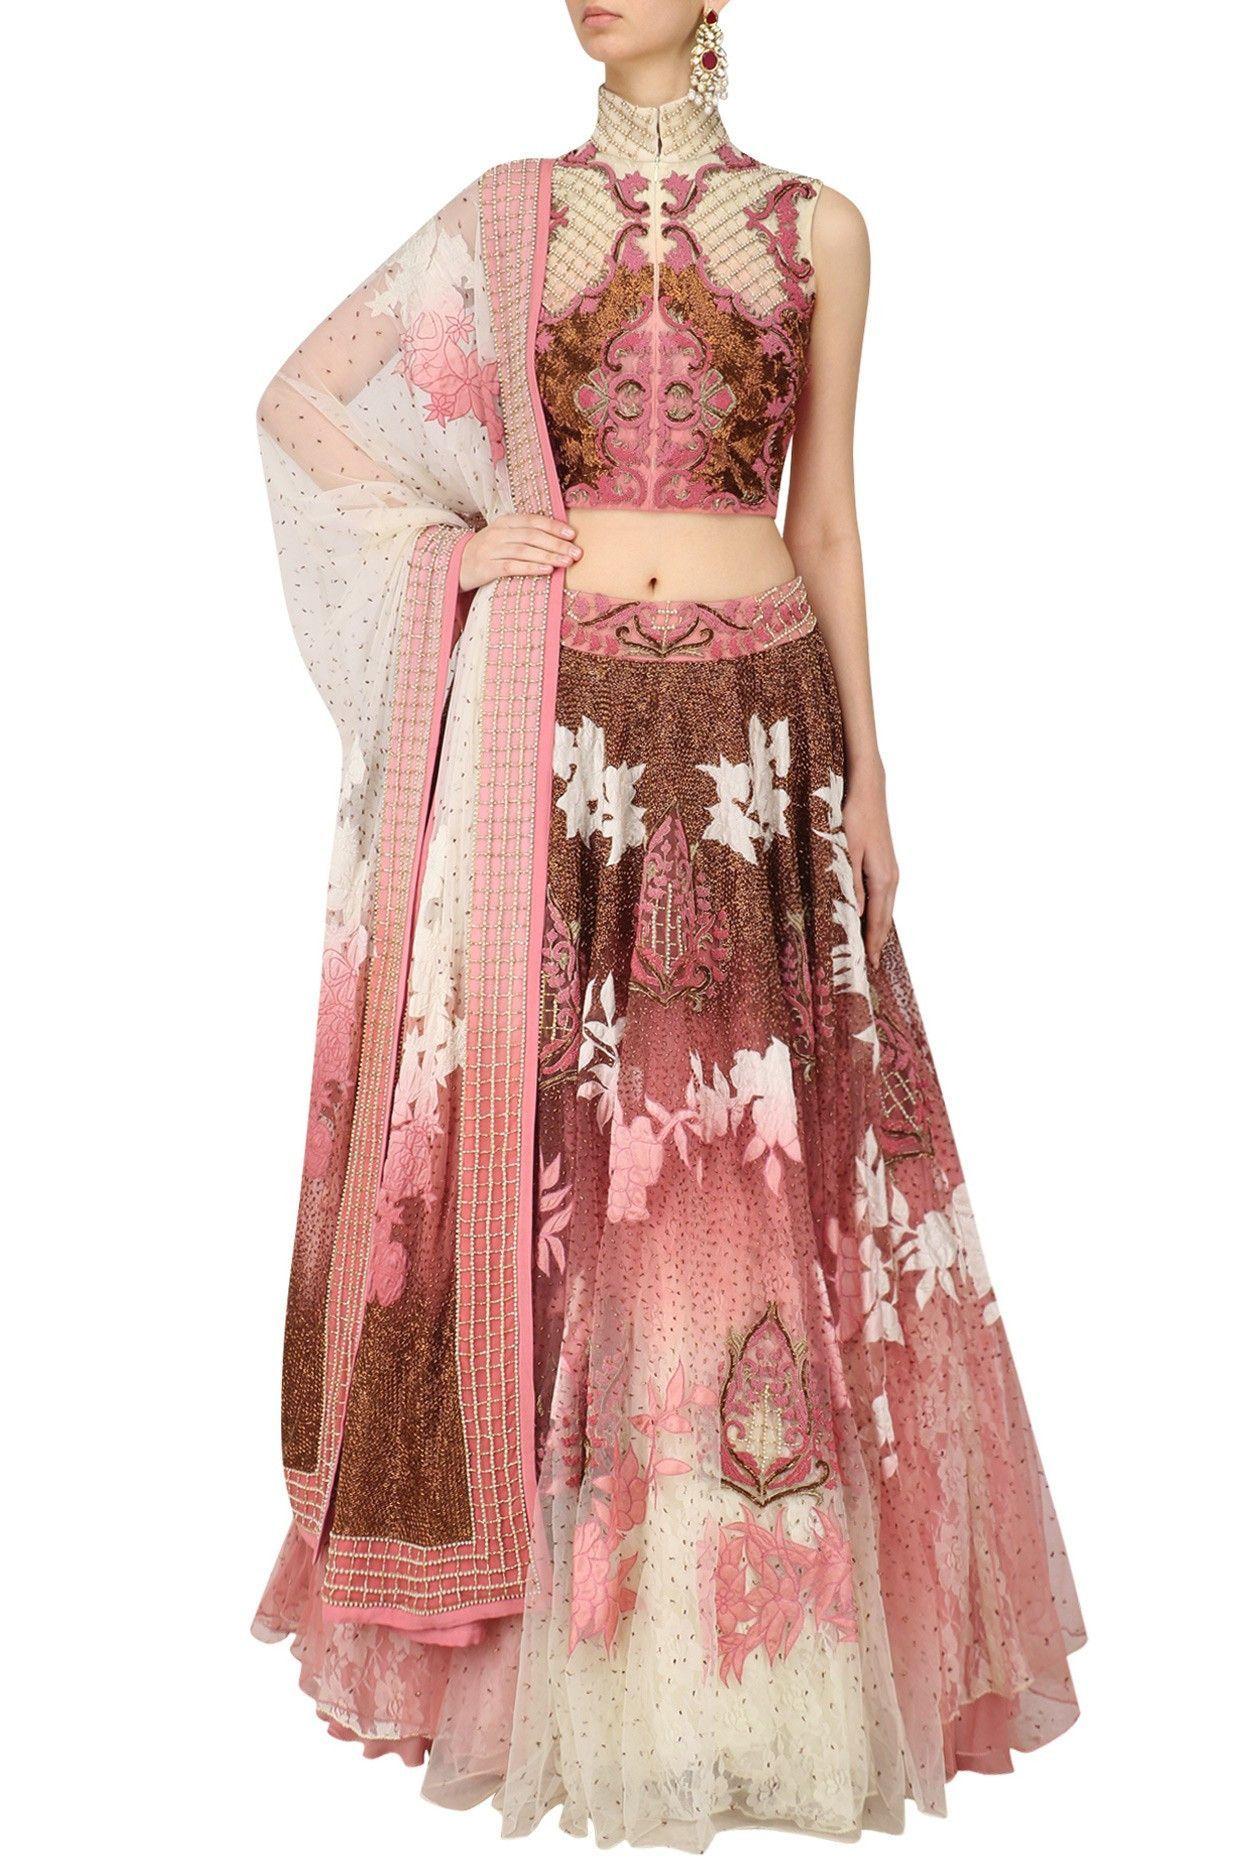 Rose Pink and Pearl White Lehenga Choli